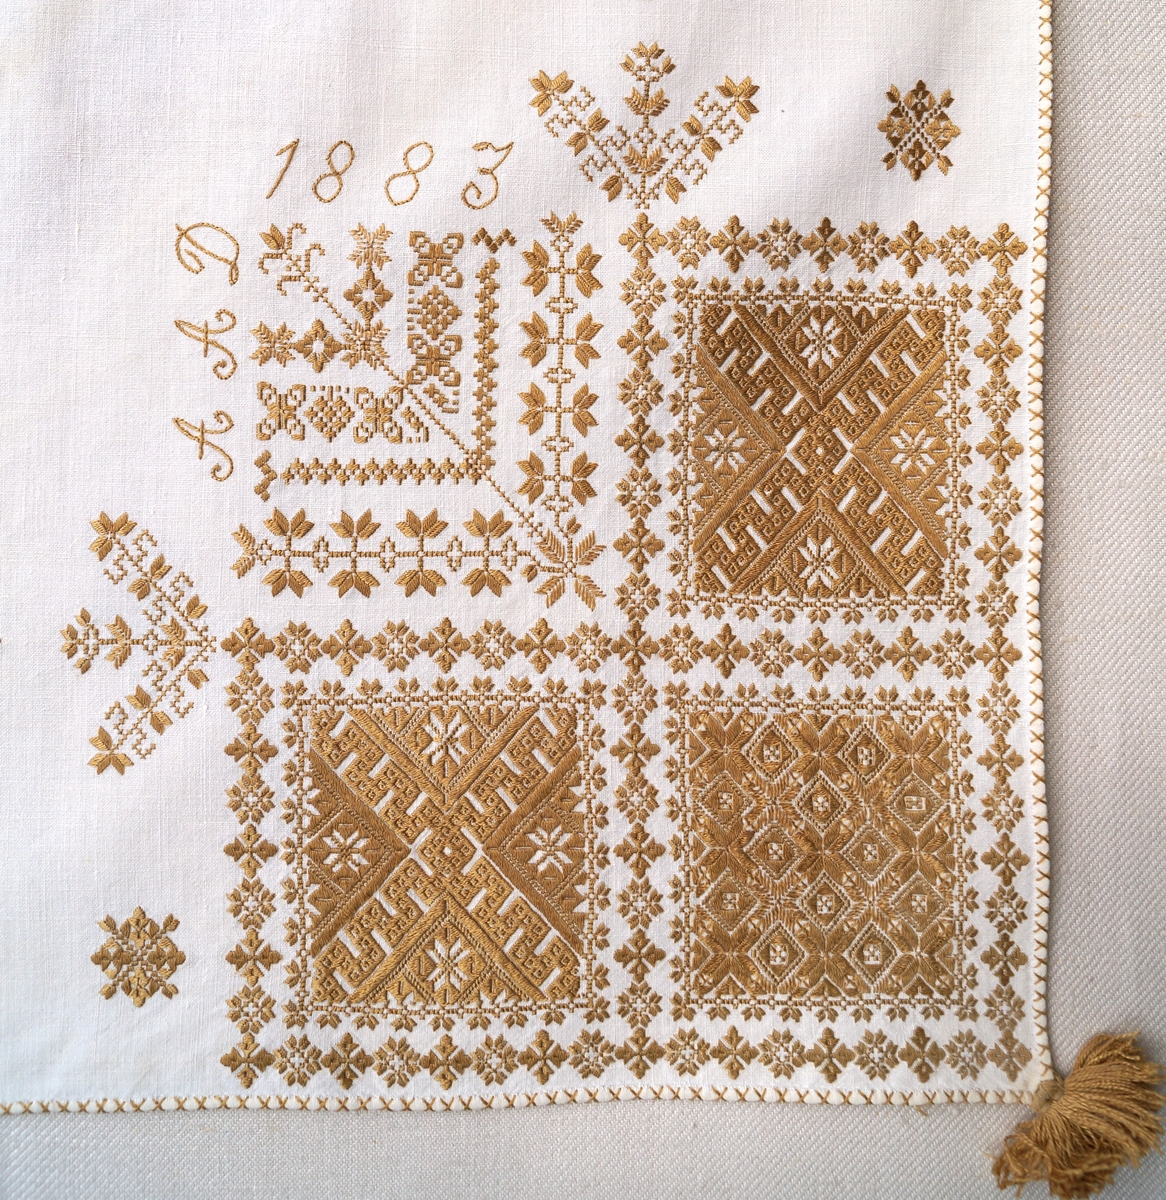 Blomsterliknande och geometriskt mönster samt märkning med årtal och initialer.  Bård mellan ryggsnibb och framsnibbar svastikliknande.  Ornament: Figurer i plattsöm